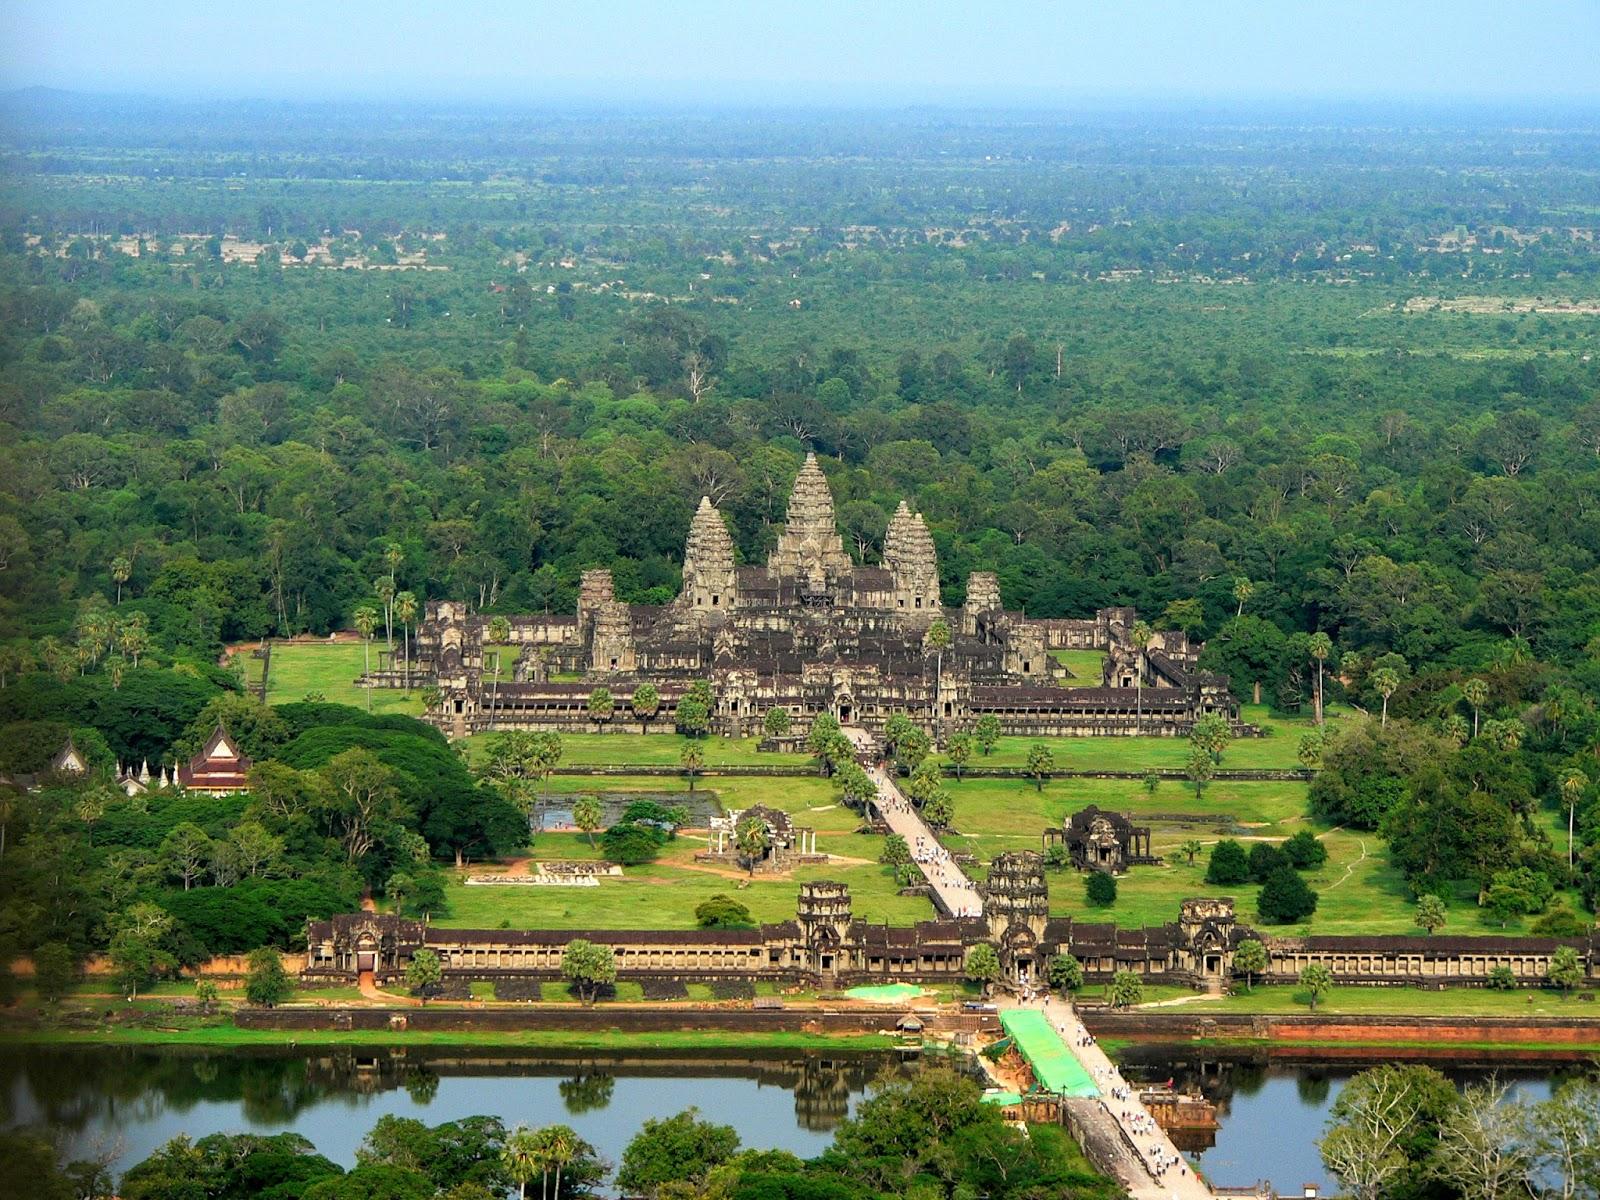 Cambodia%2BA%2BLesser%2BKnown%2BTourism%2BQuest.jpg